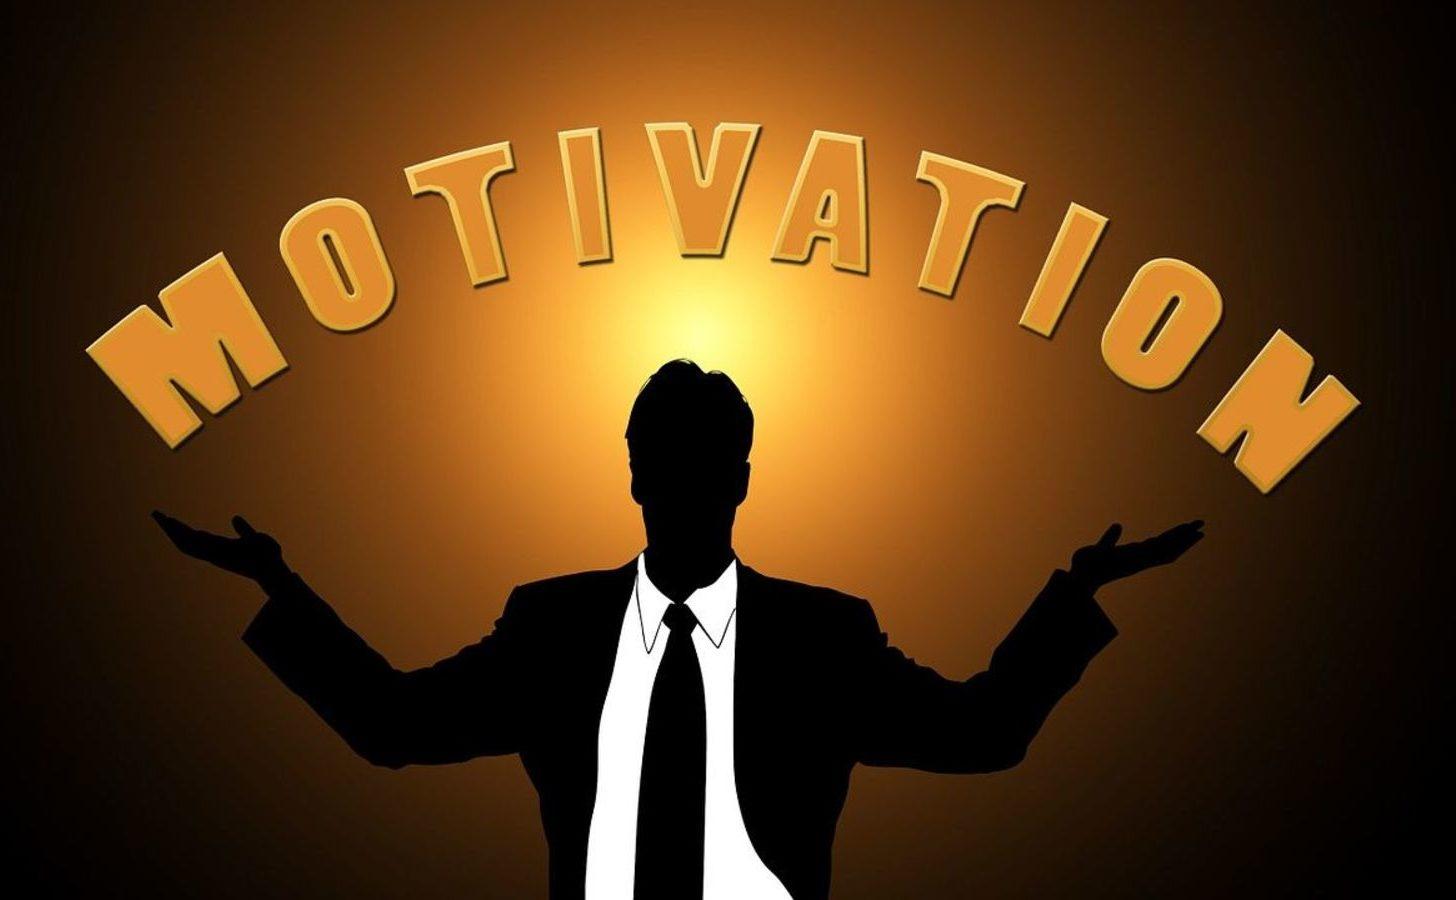 Анонс № 1 (53) 2020 г. журнала «Management», Александр Поляков, кнут и пряник в мотивации, краткая история мотивации, управление персоналом